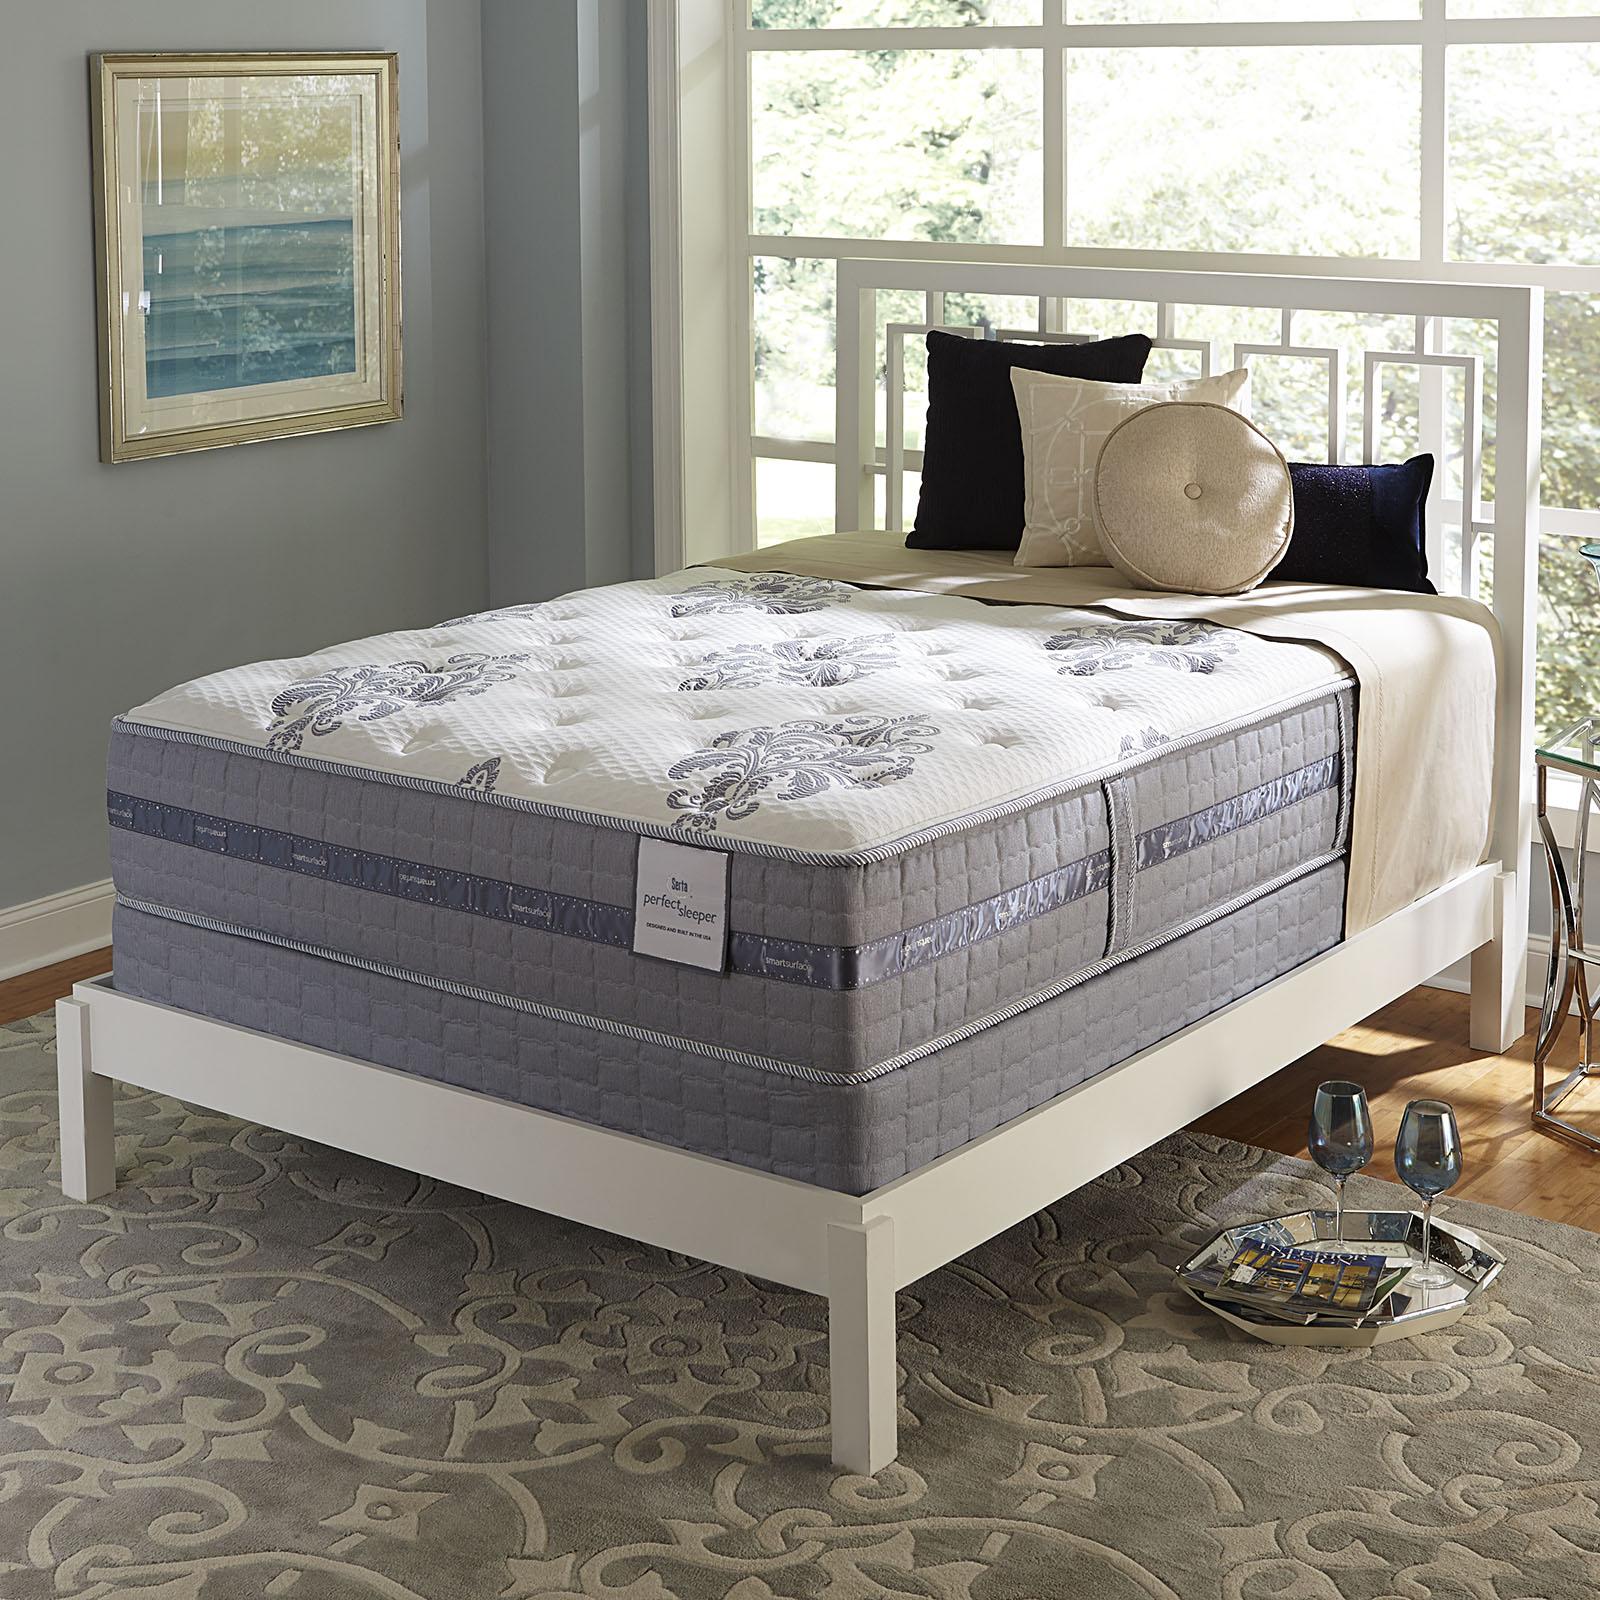 Serta Perfect Sleeper Perfect Sleeper Castlemoor Firm Queen  Mattress Only